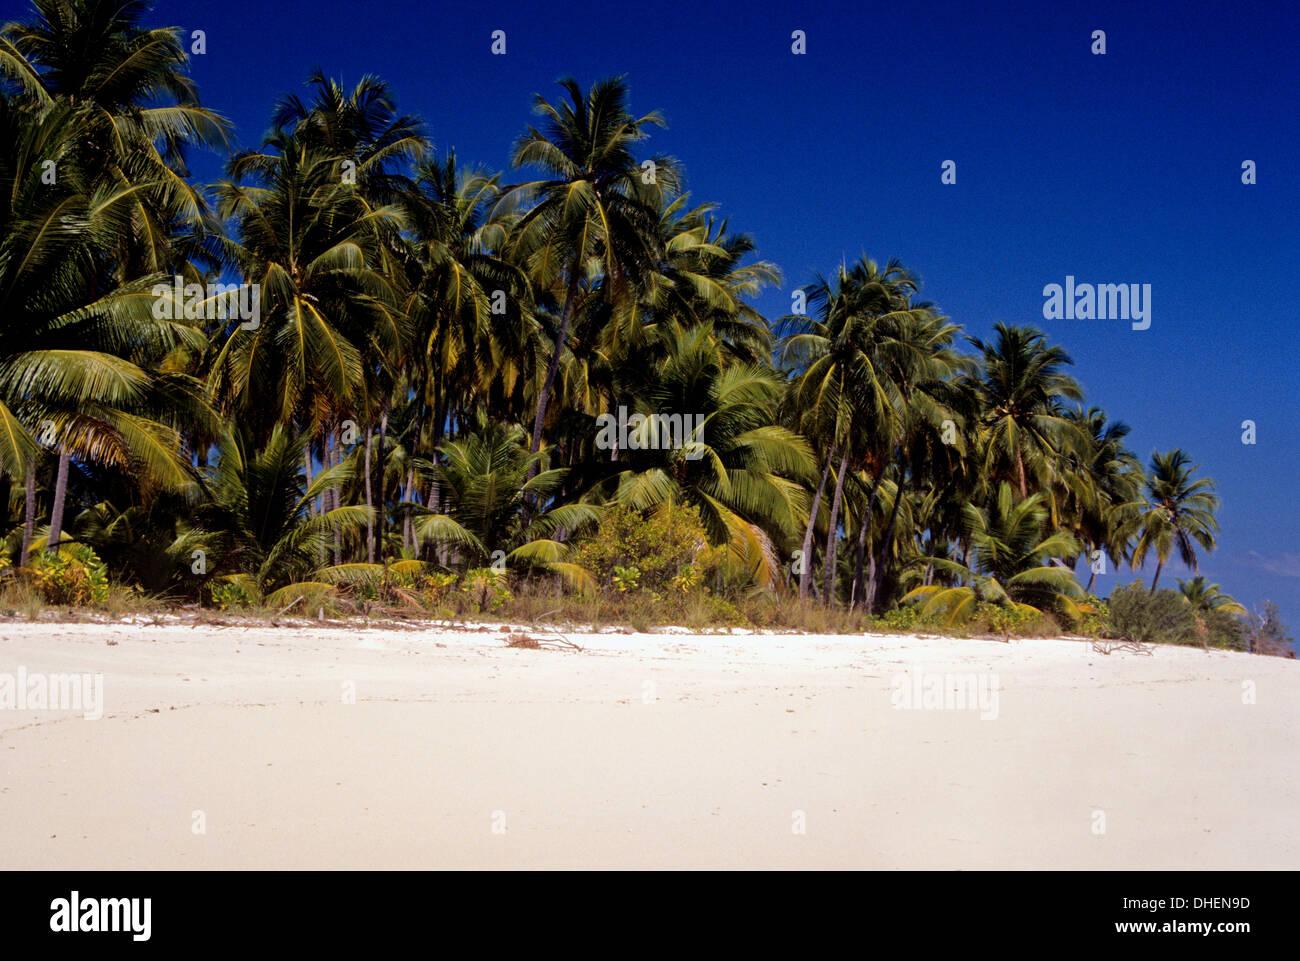 Bangaram Island Beach Resort